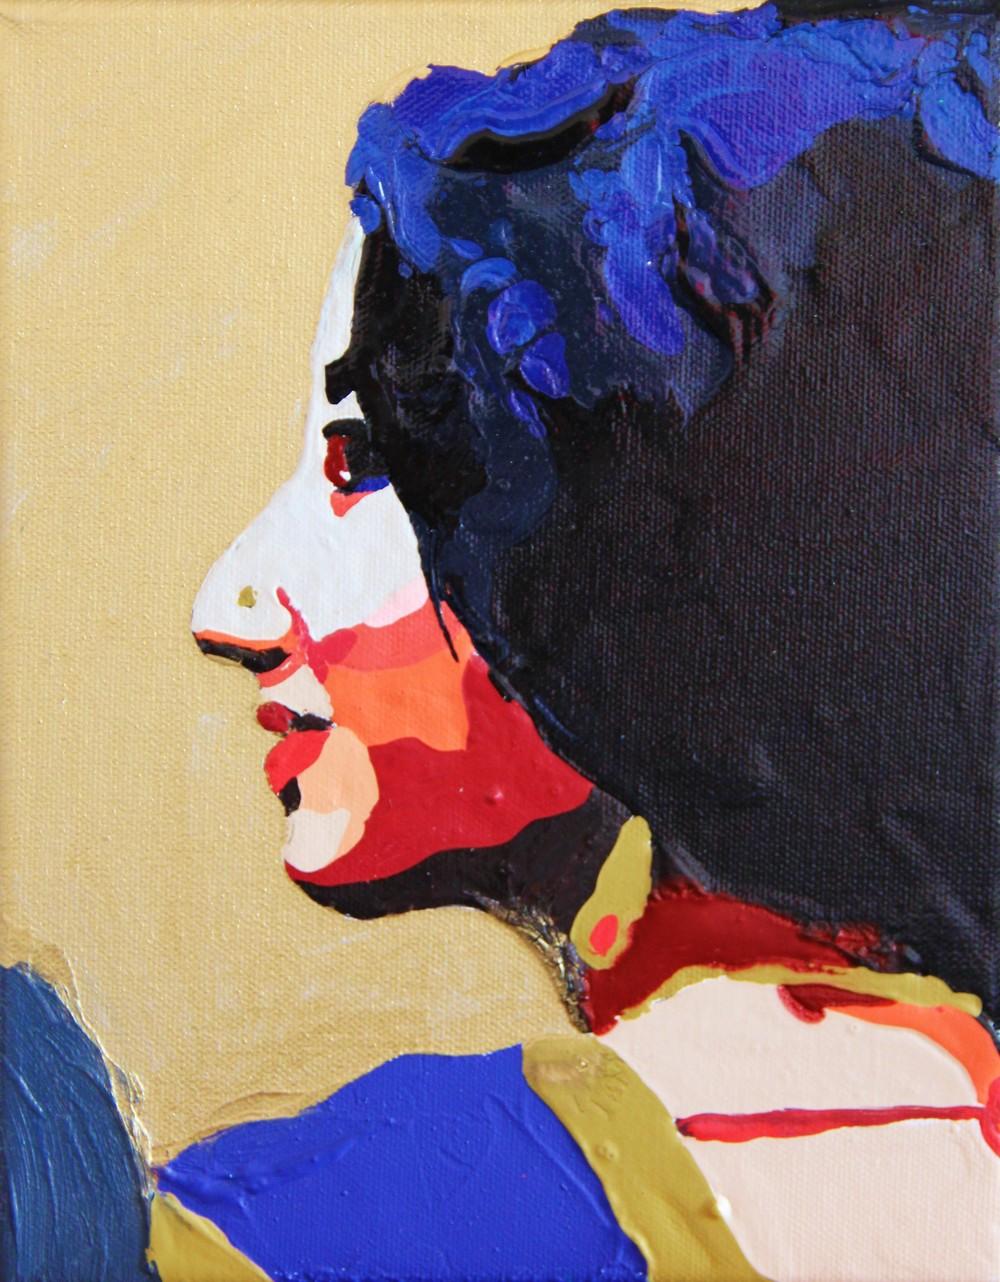 acrylique sur toile, 25x20 cm  toile numéro 374